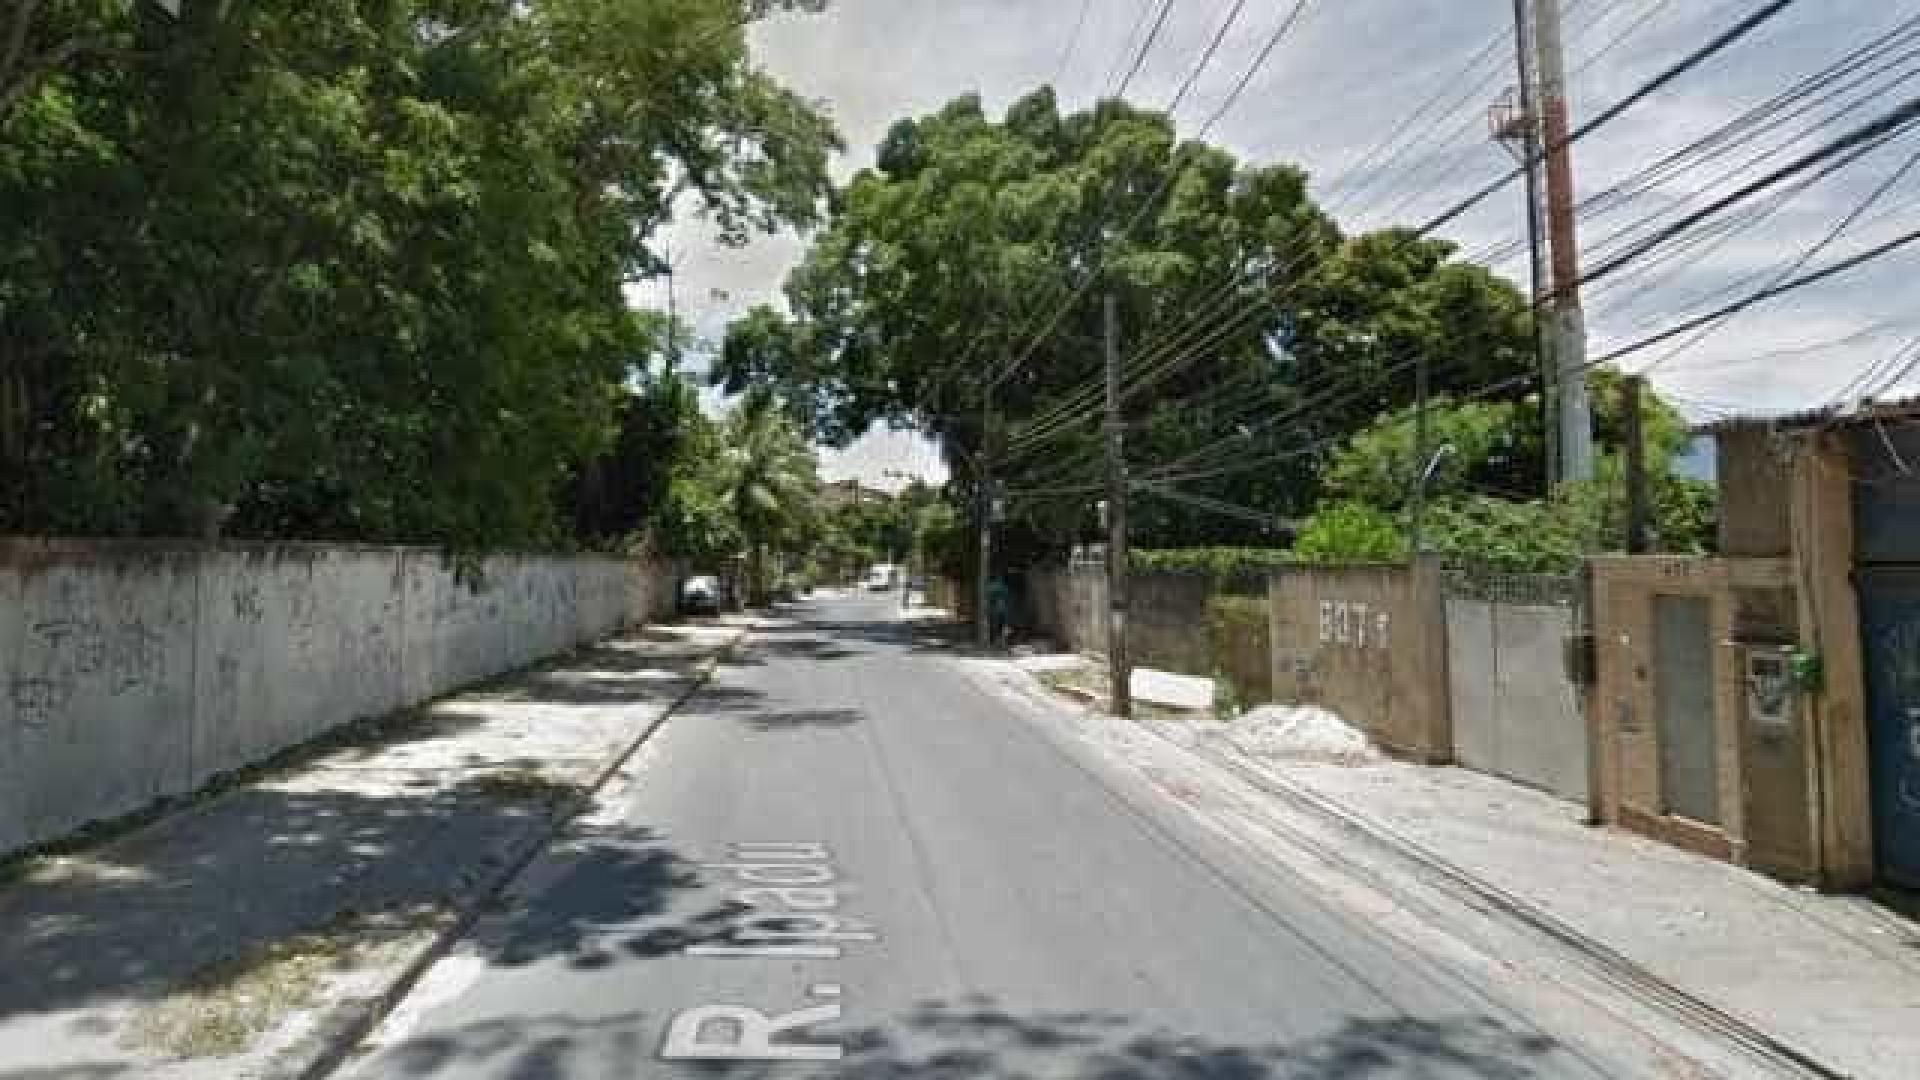 Bombeiro é morto a tiros na porta de casa na Zona Oeste do Rio